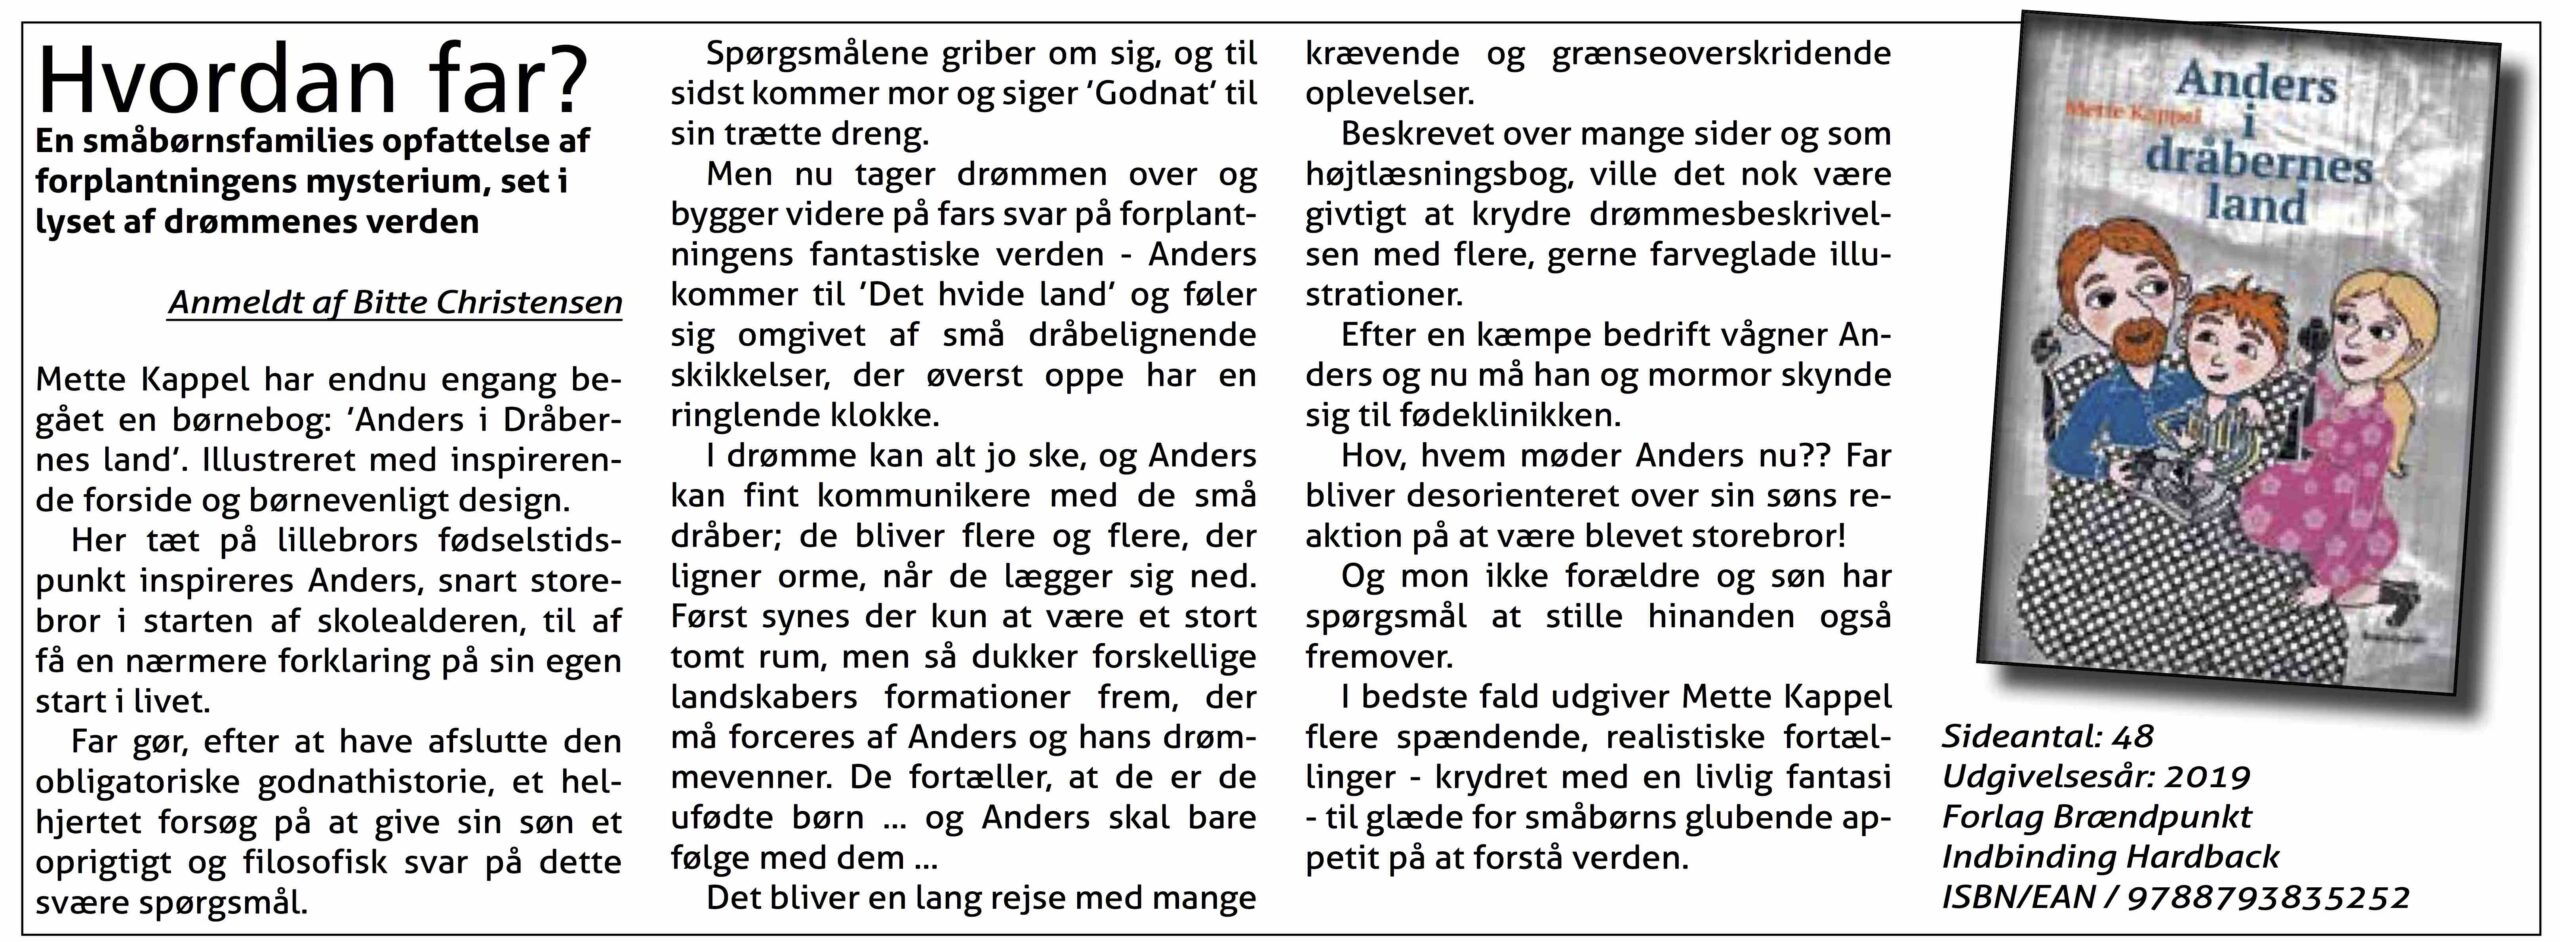 Tårnby Bladet